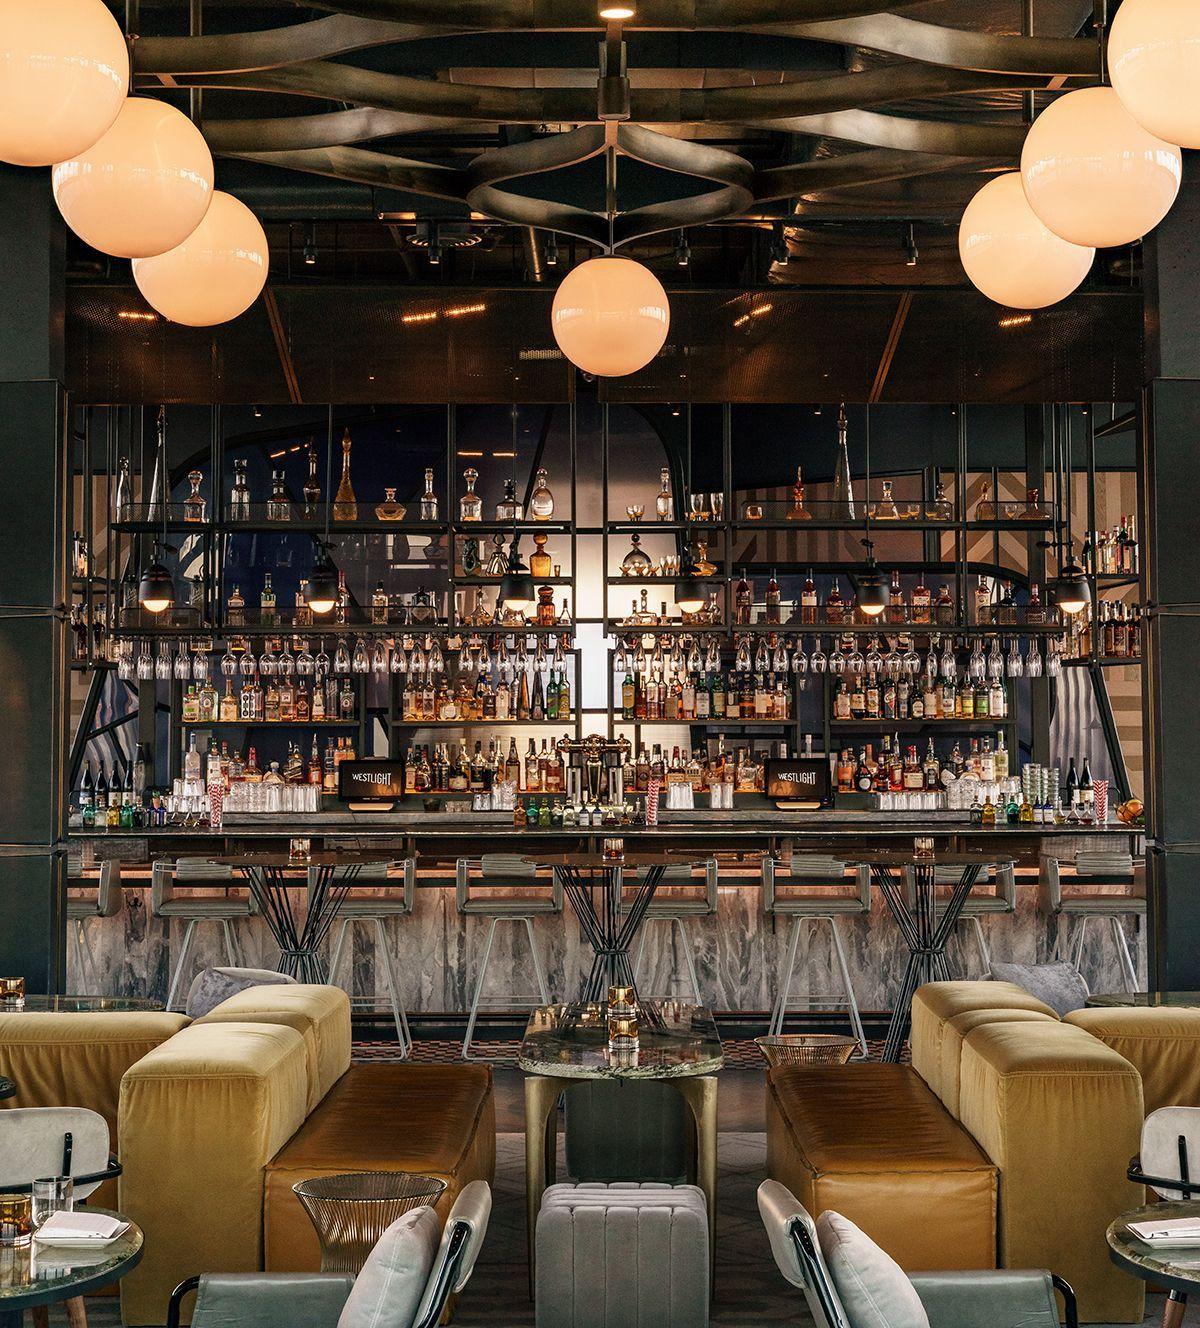 Amazing Restaurant Interior Design Ideas Stylish Cafe Interior Design Projects Bar Interiors With Chic Sea Bar Interior Design Bar Interior Bar Design Awards